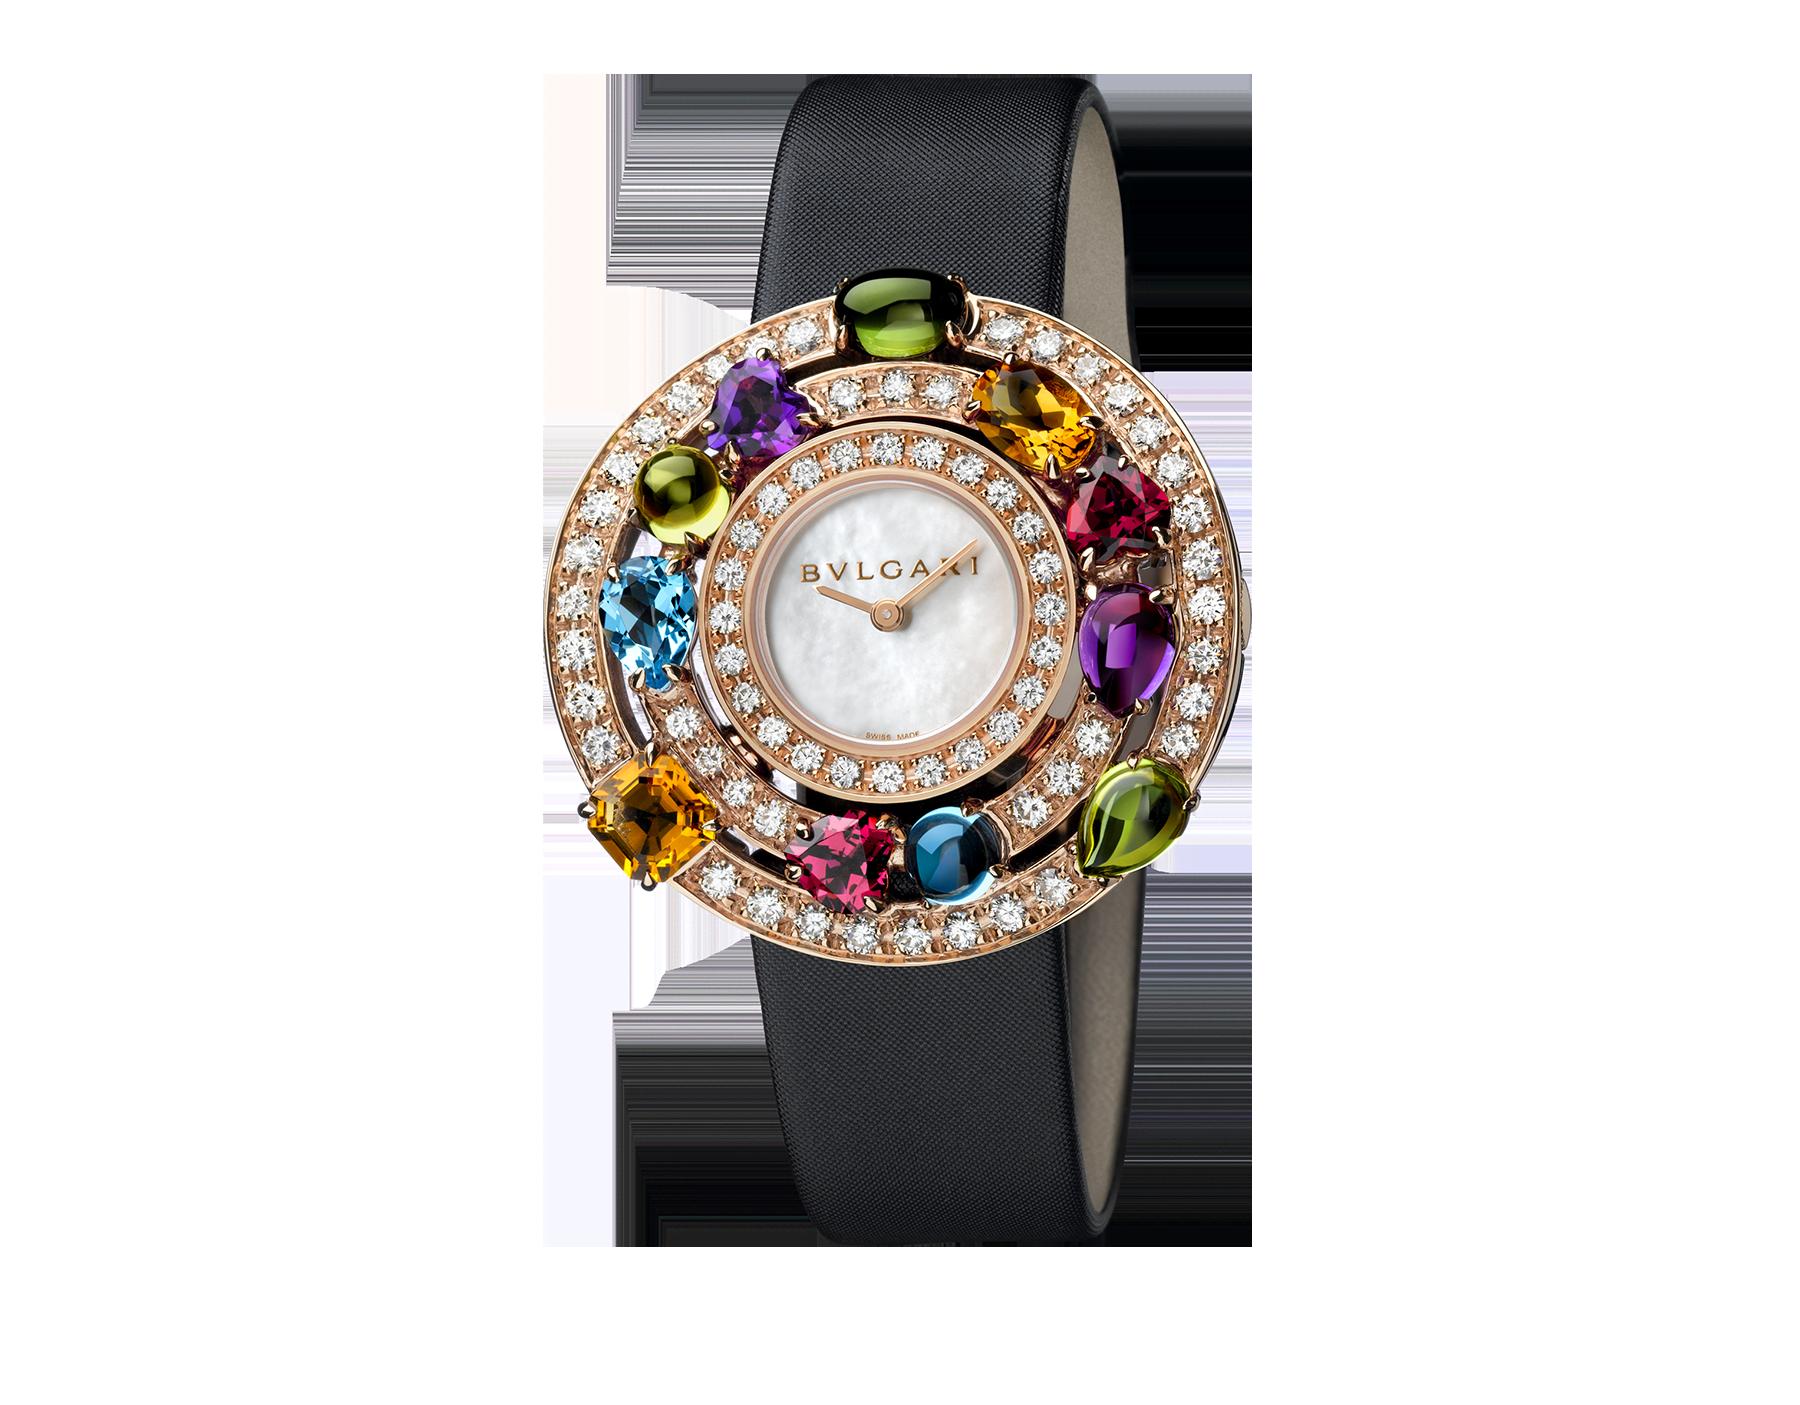 Часы Astrale, корпус из розового золота 18 карат, бриллианты классической огранки, цветные драгоценные камни фантазийной огранки, белый перламутровый циферблат, черный атласный ремешок 102011 image 1